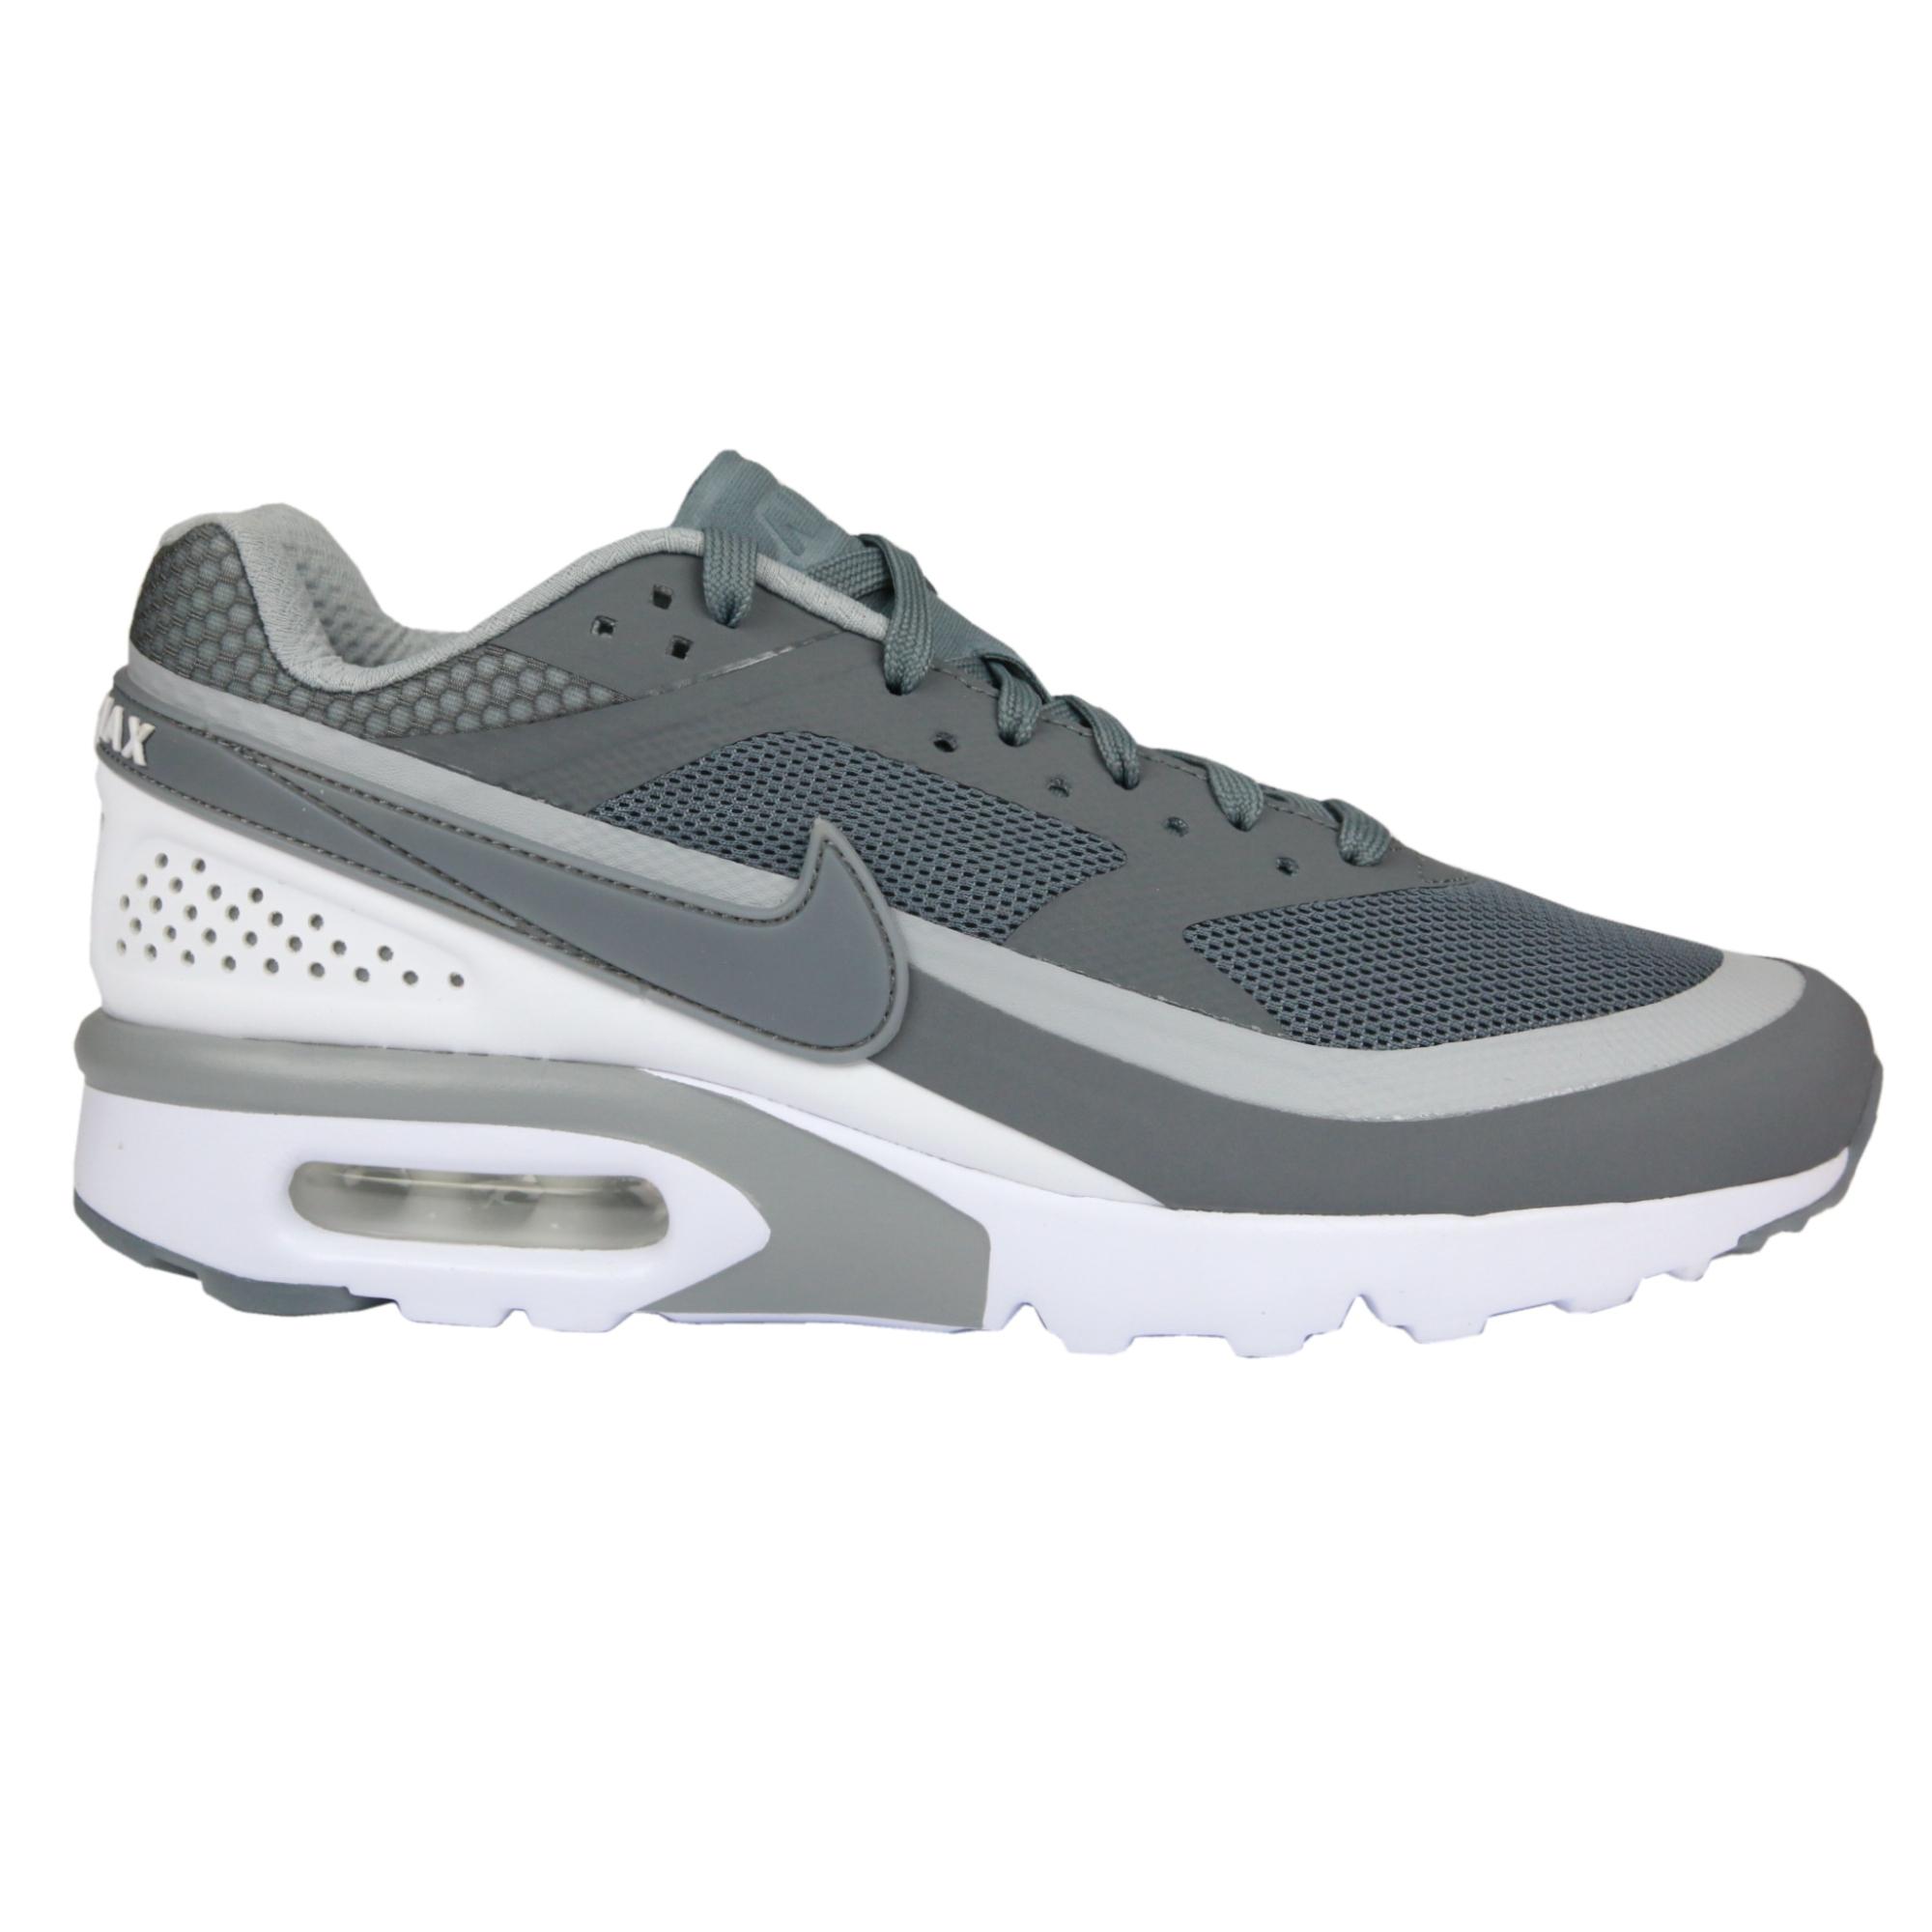 Nike Air Max Bw Herren